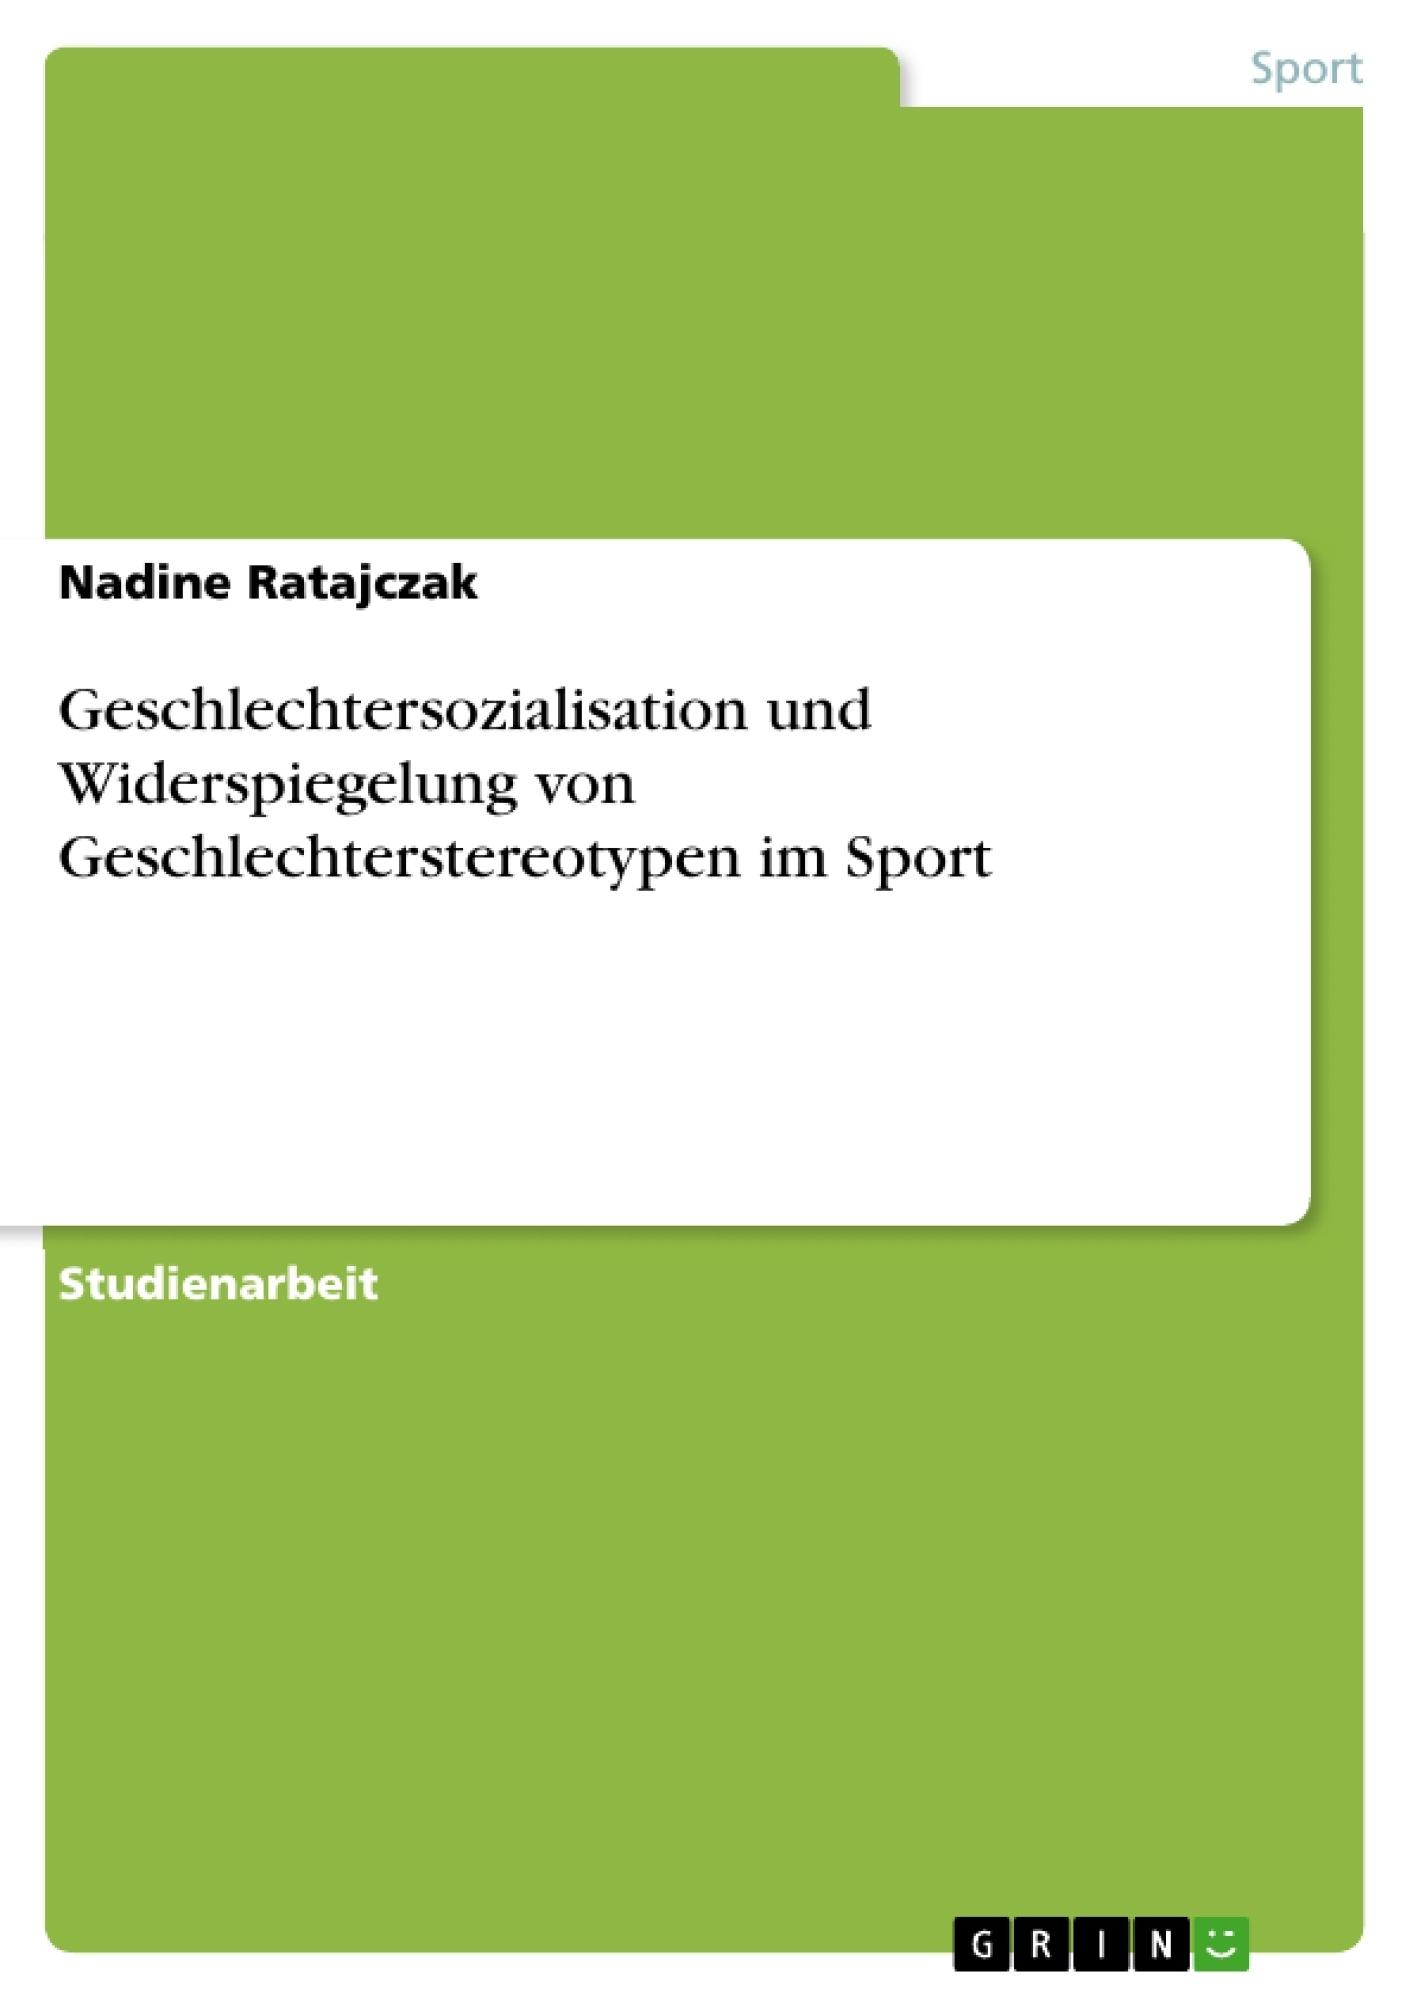 Titel: Geschlechtersozialisation und Widerspiegelung von Geschlechterstereotypen im Sport